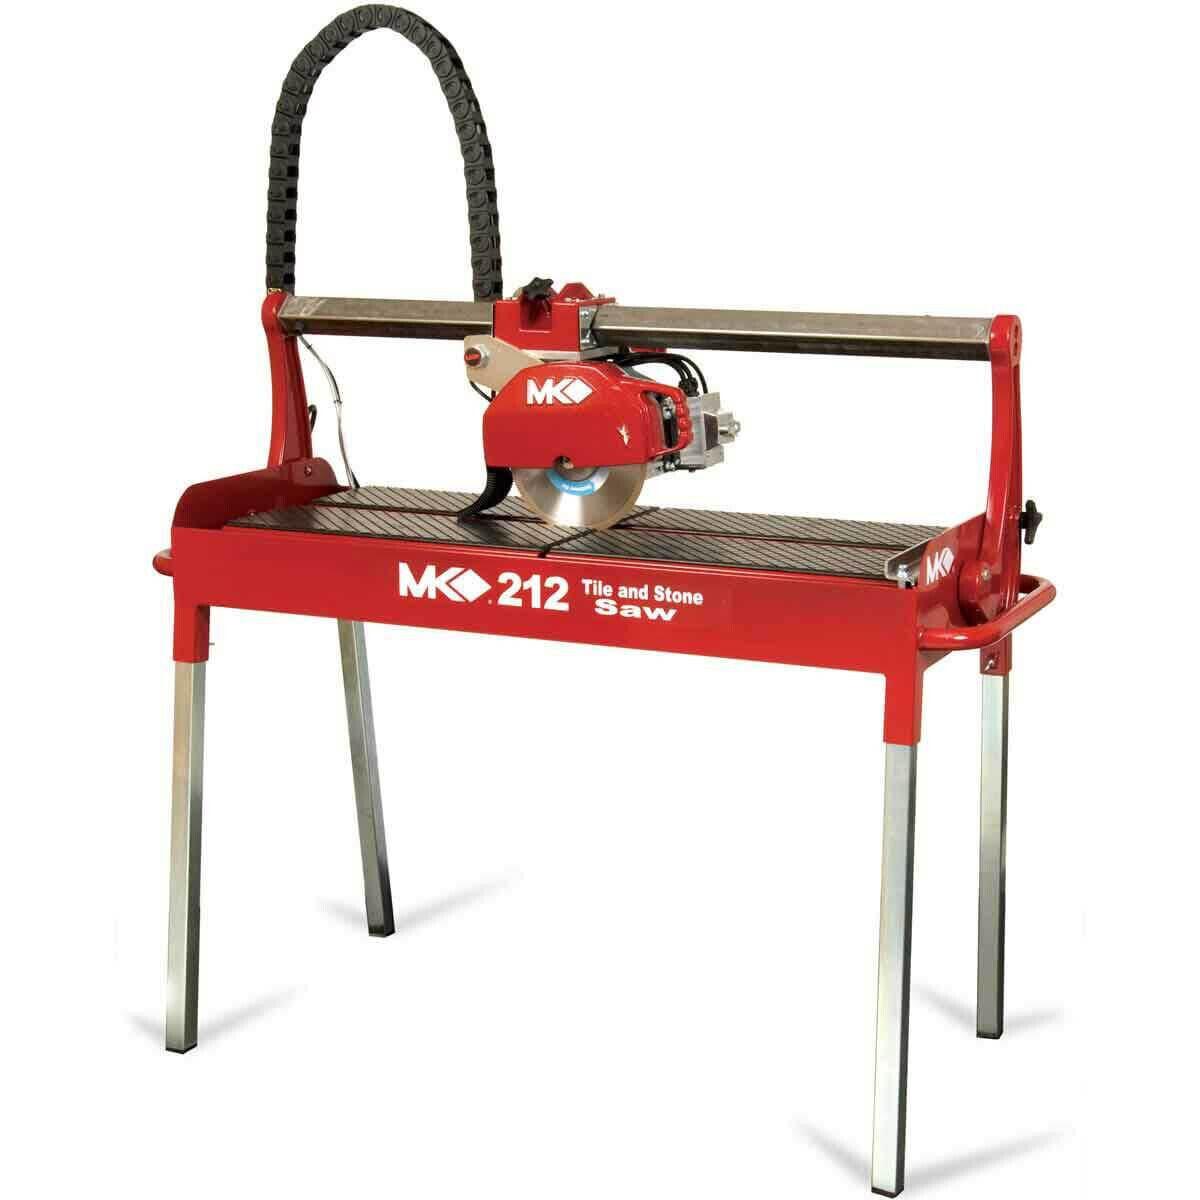 mk 212 tile rail saw